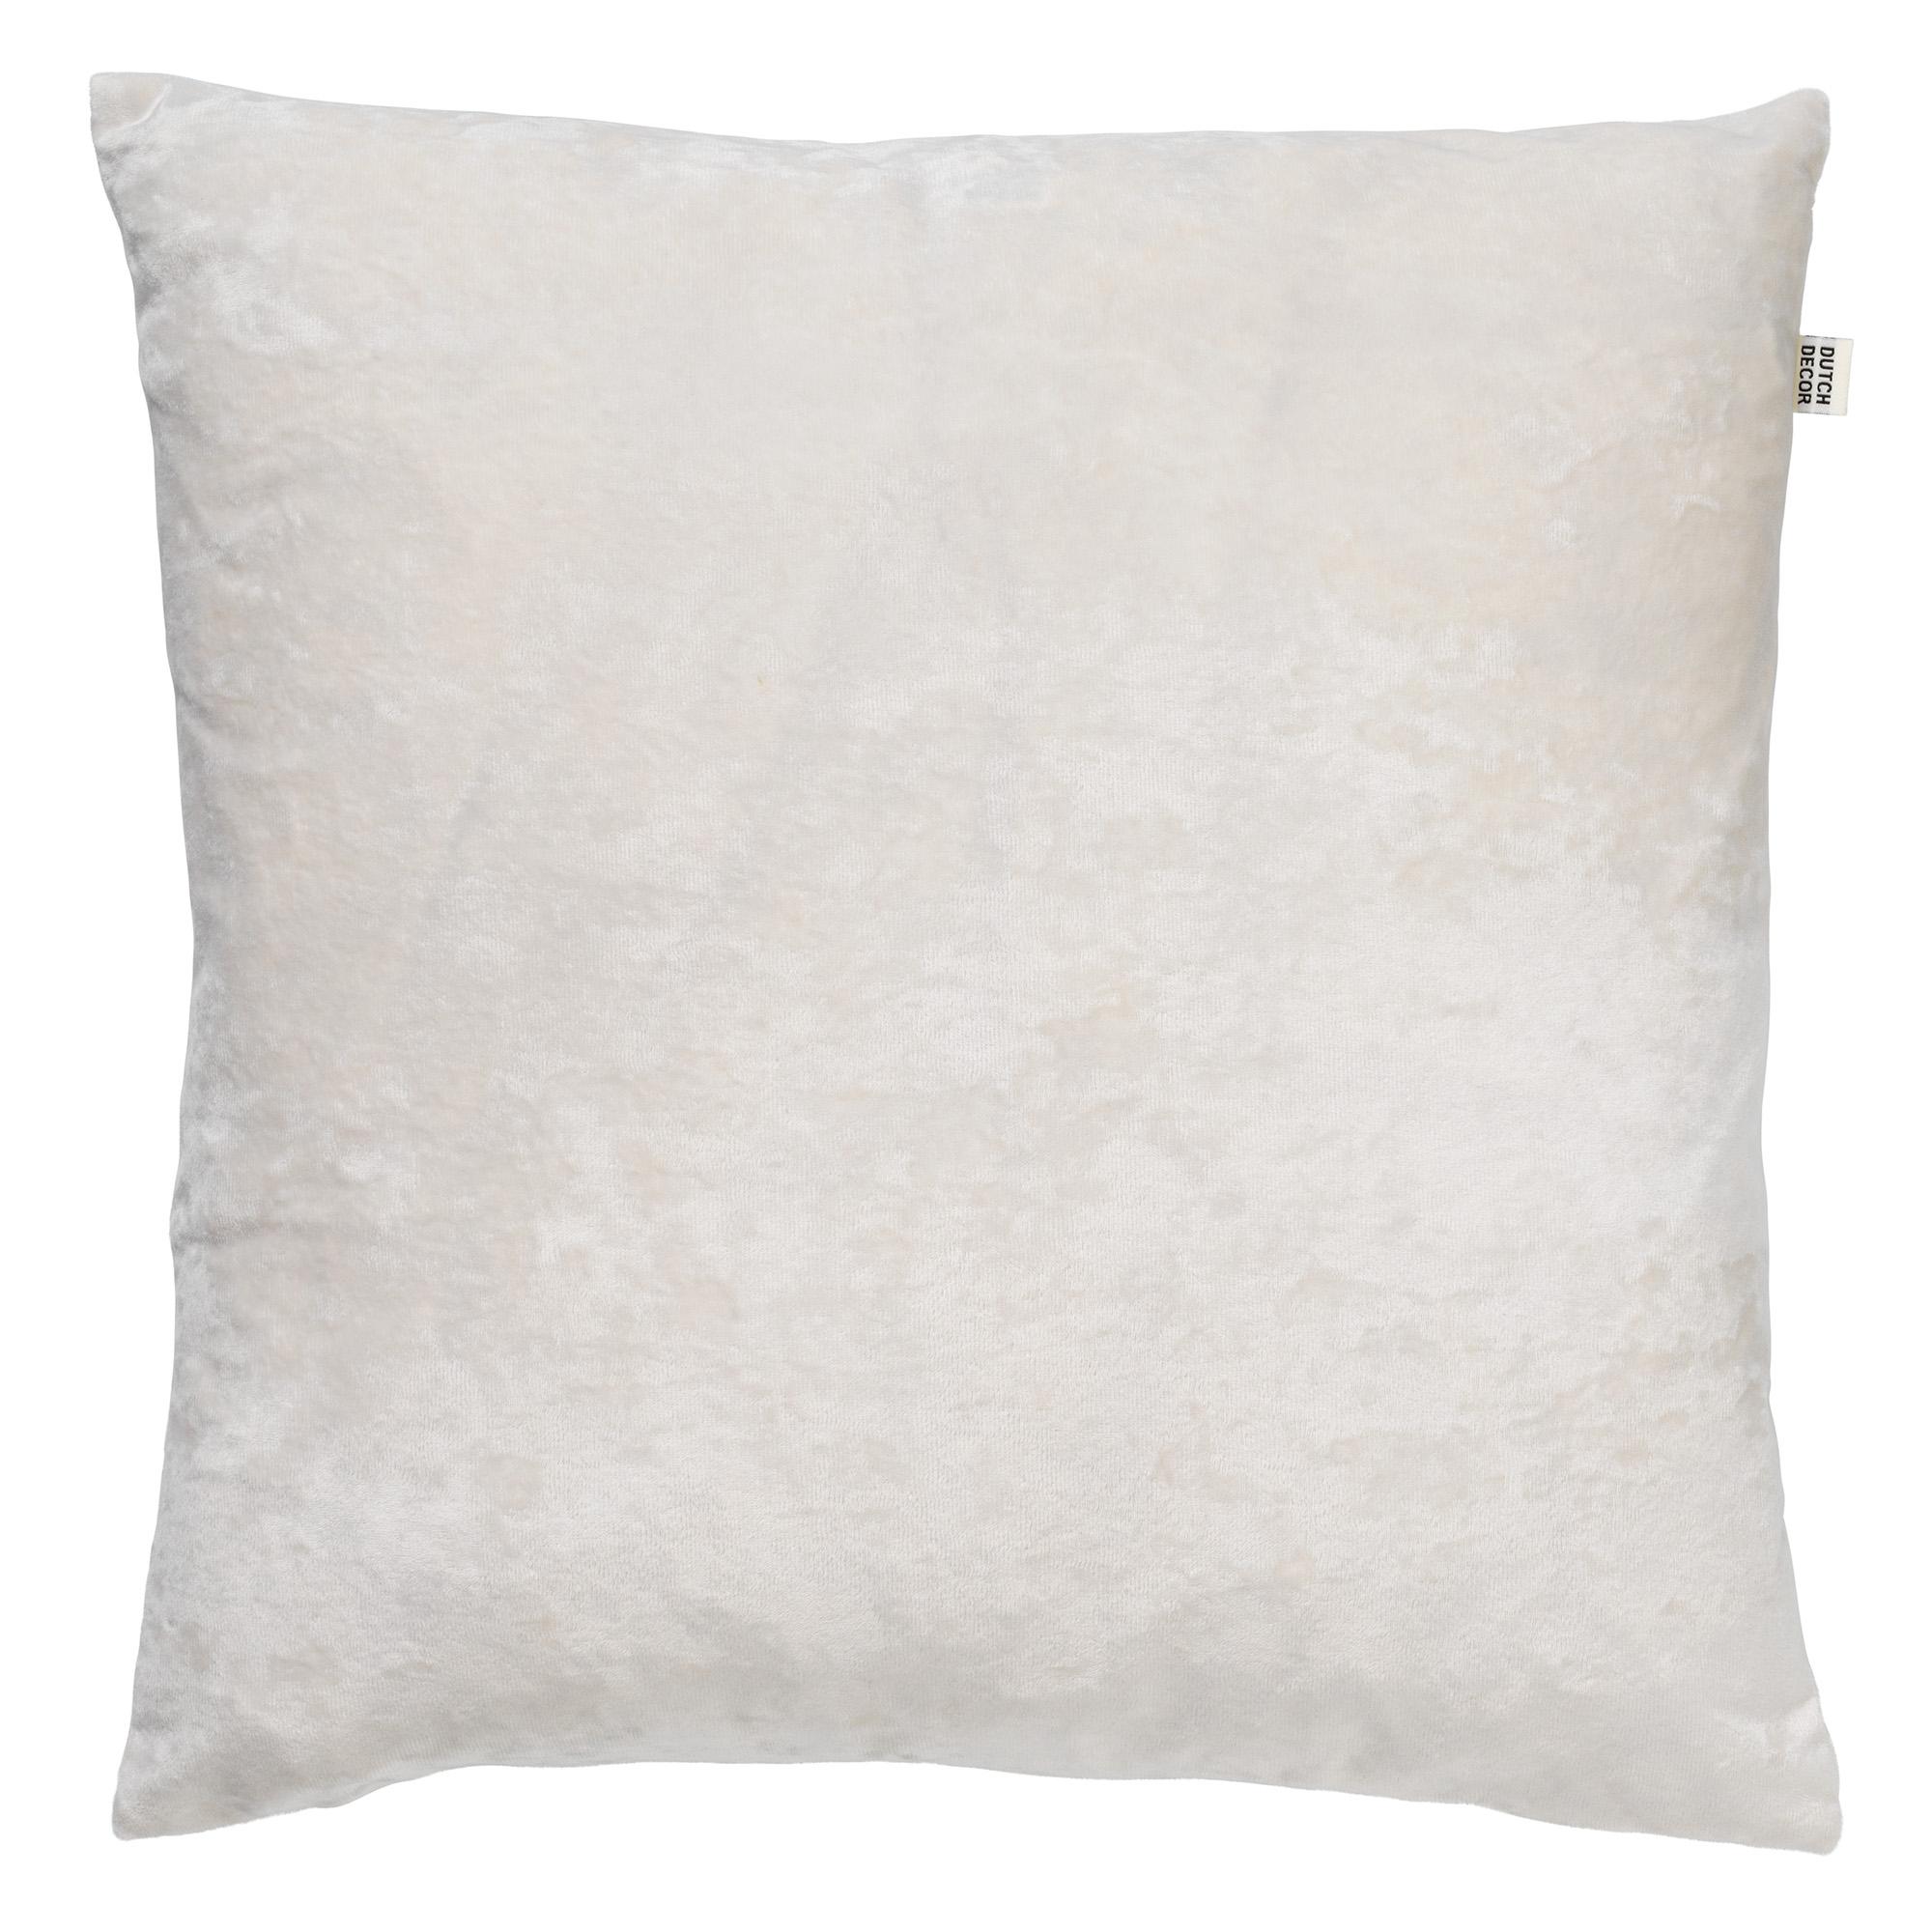 SKY - Sierkussen velvet Snow White 45x45 cm